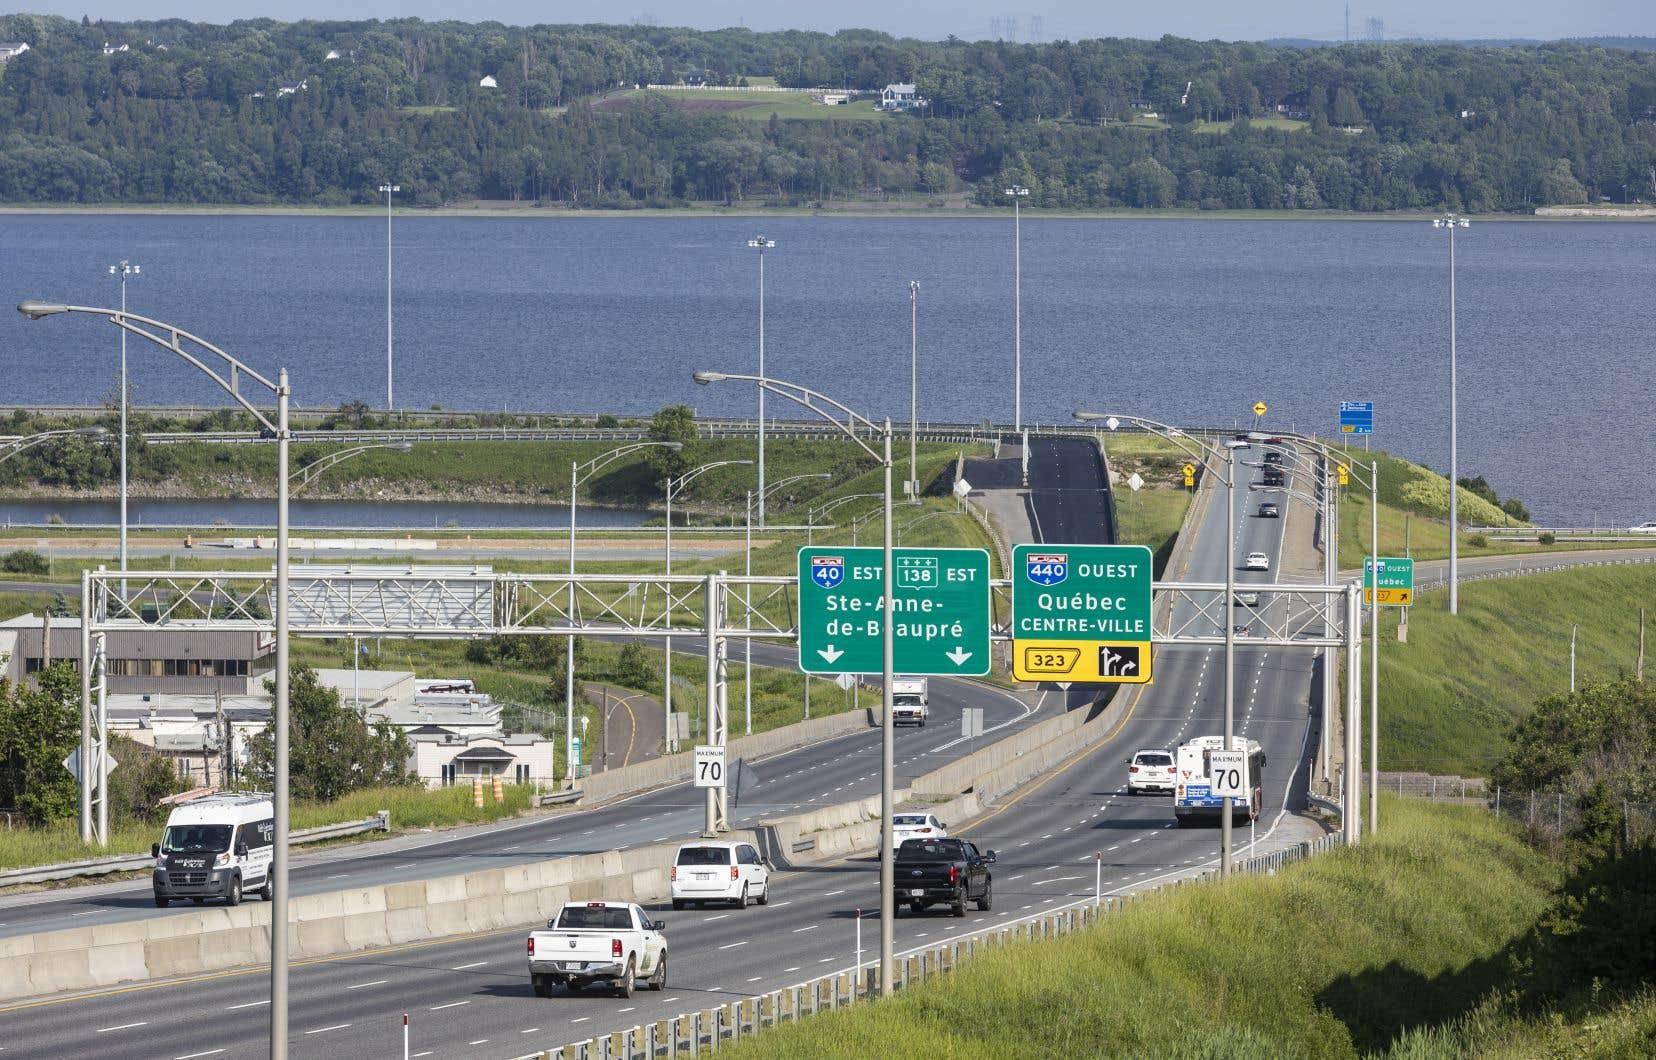 Cette décision survient alors qu'un nouveau sondage rendu public par le gouvernement documente la popularité dont jouit le projet de tunnel dans la région de Québec.